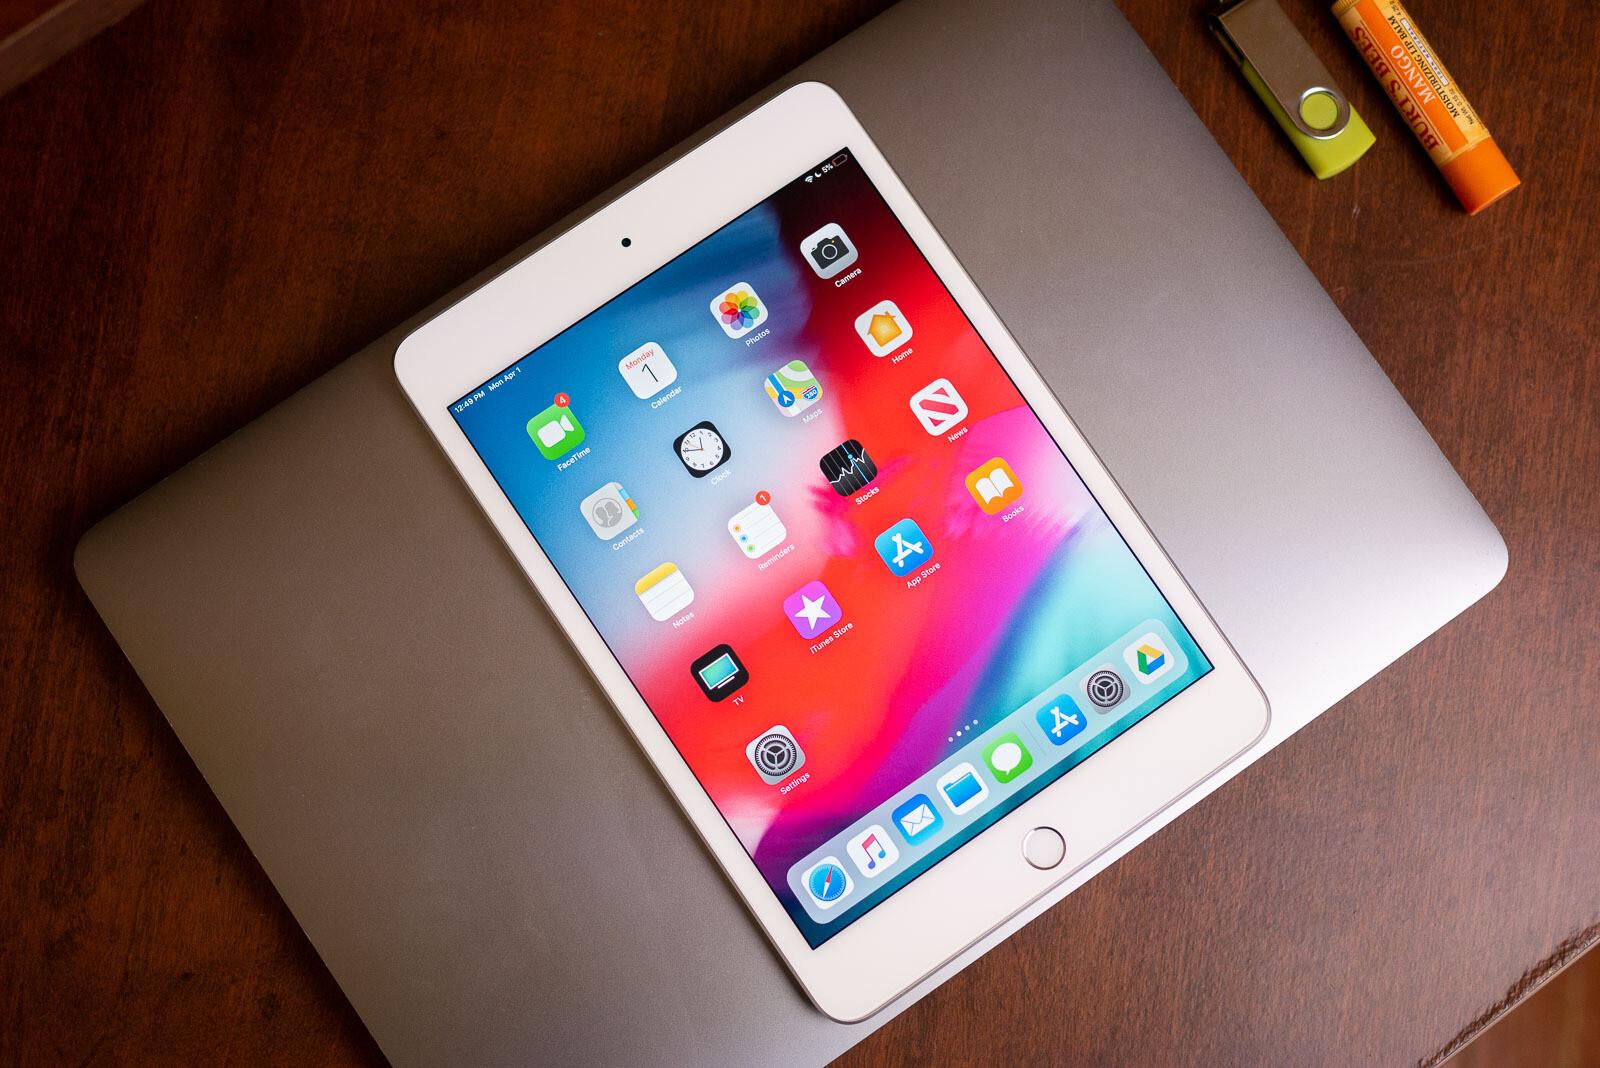 Las mejores ofertas de iPad en Best Buy, Amazon, Target y más